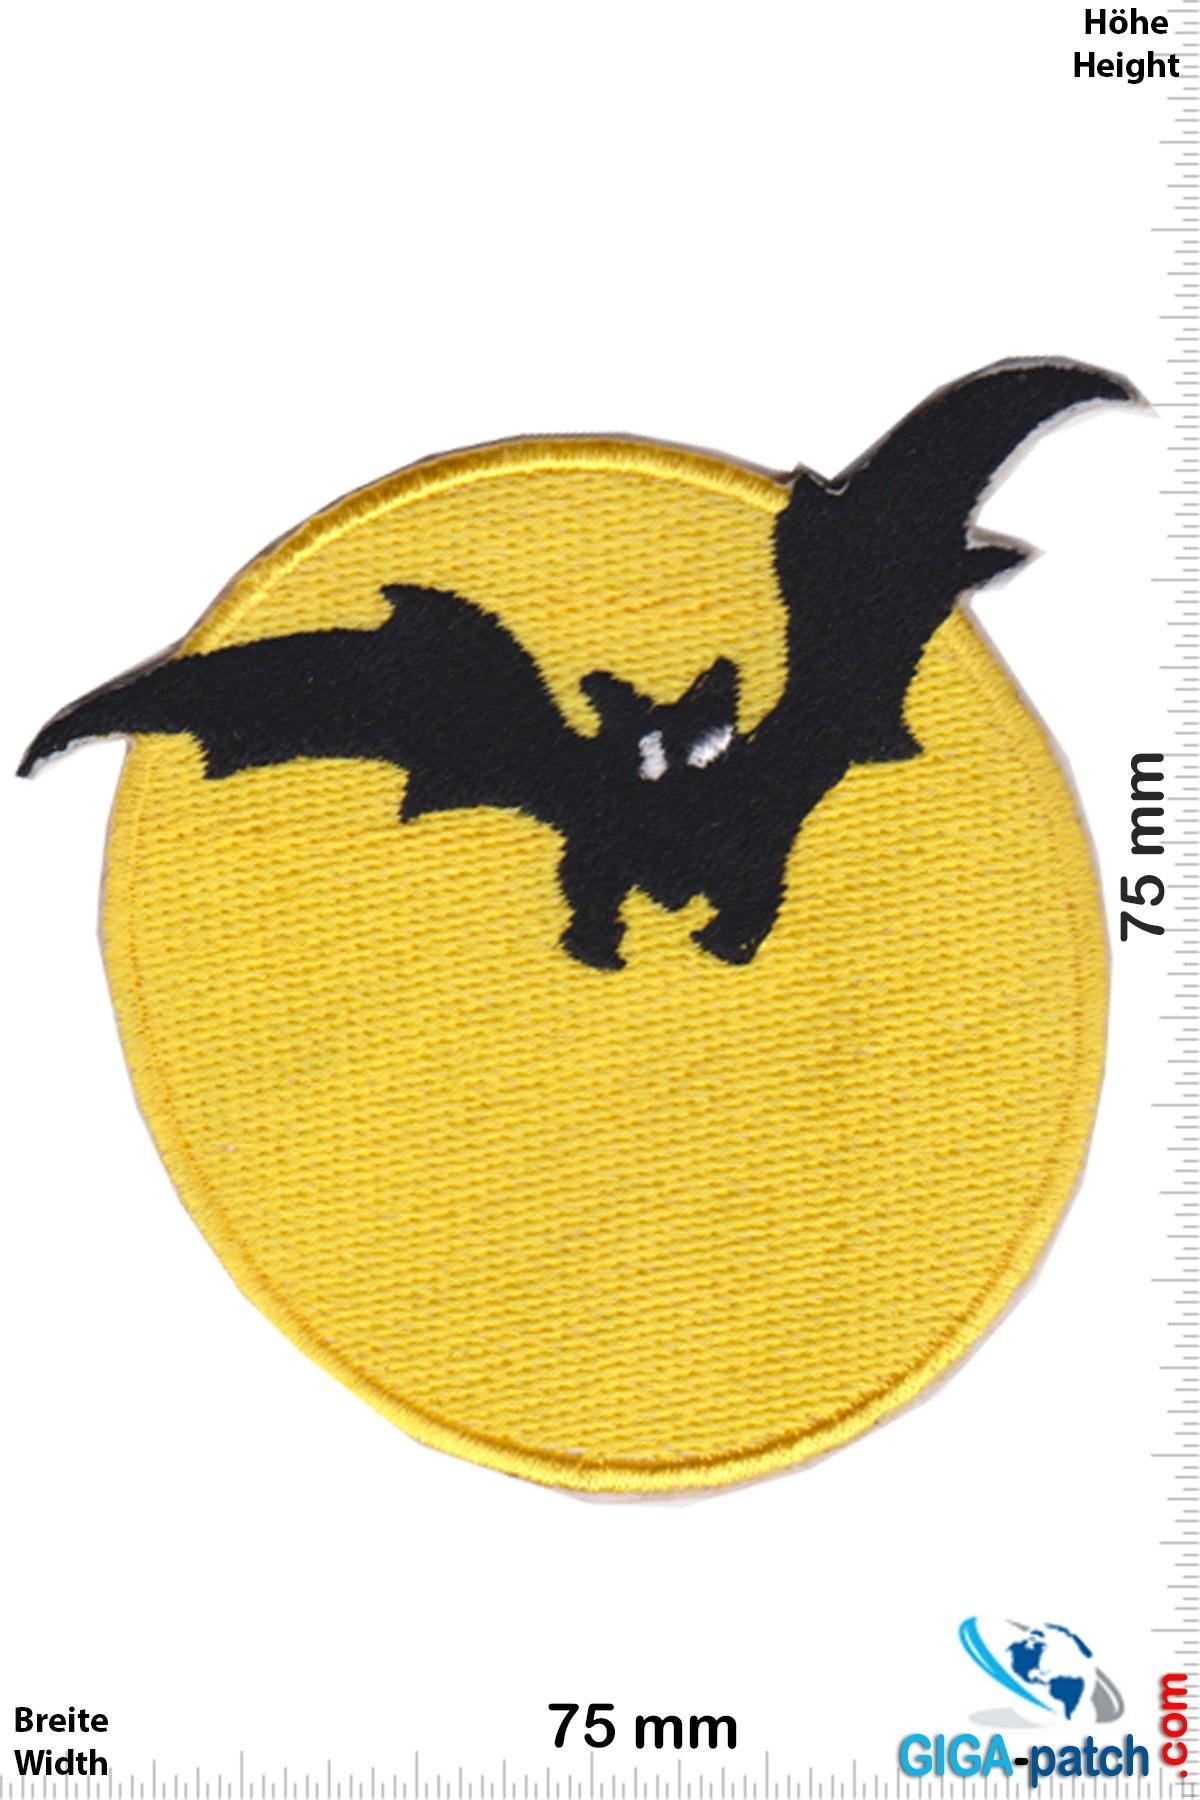 Bat Bat in the moon